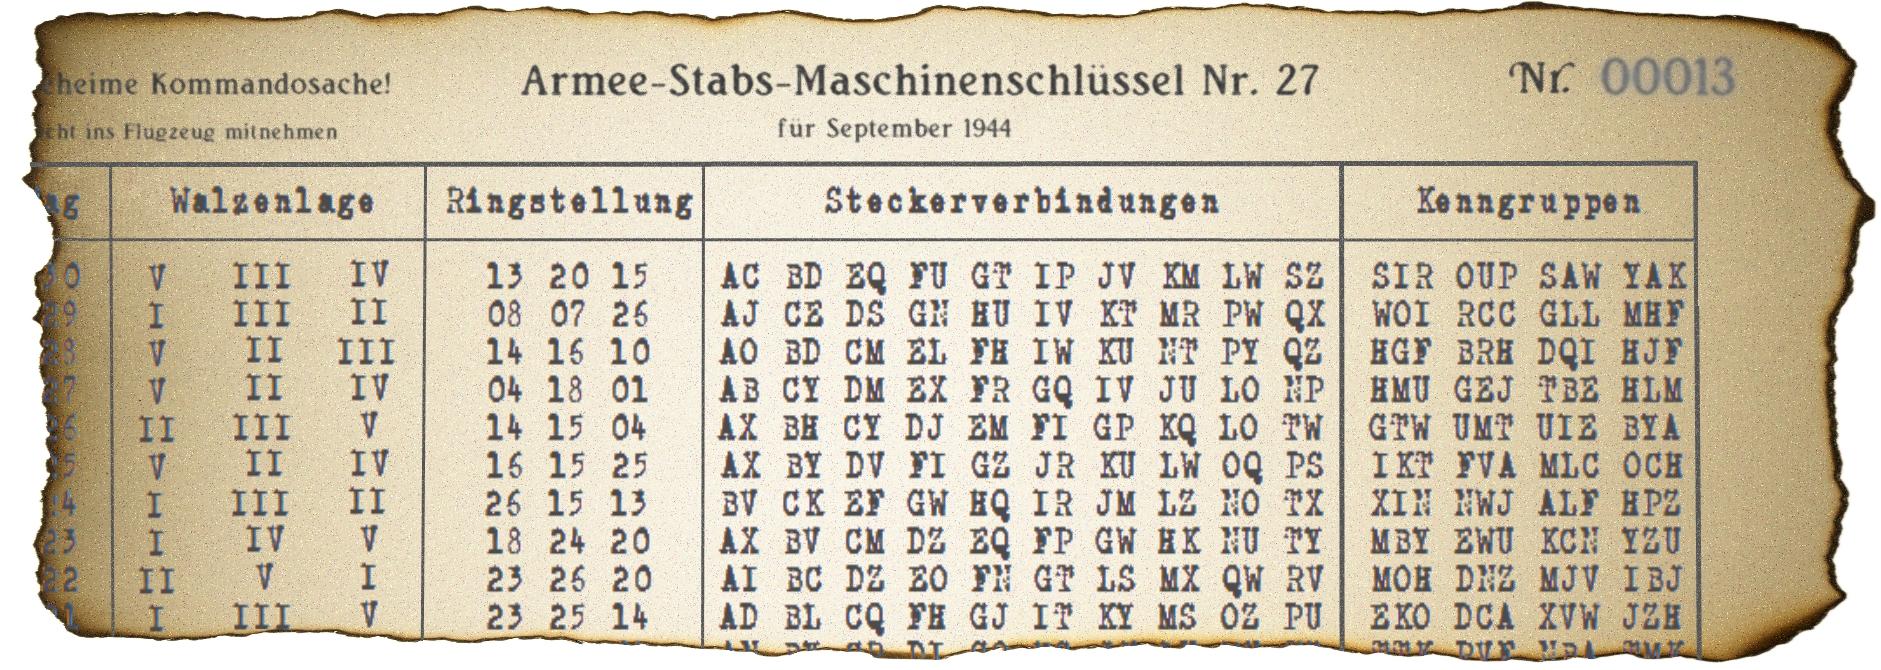 Raadselachtig papier met codes